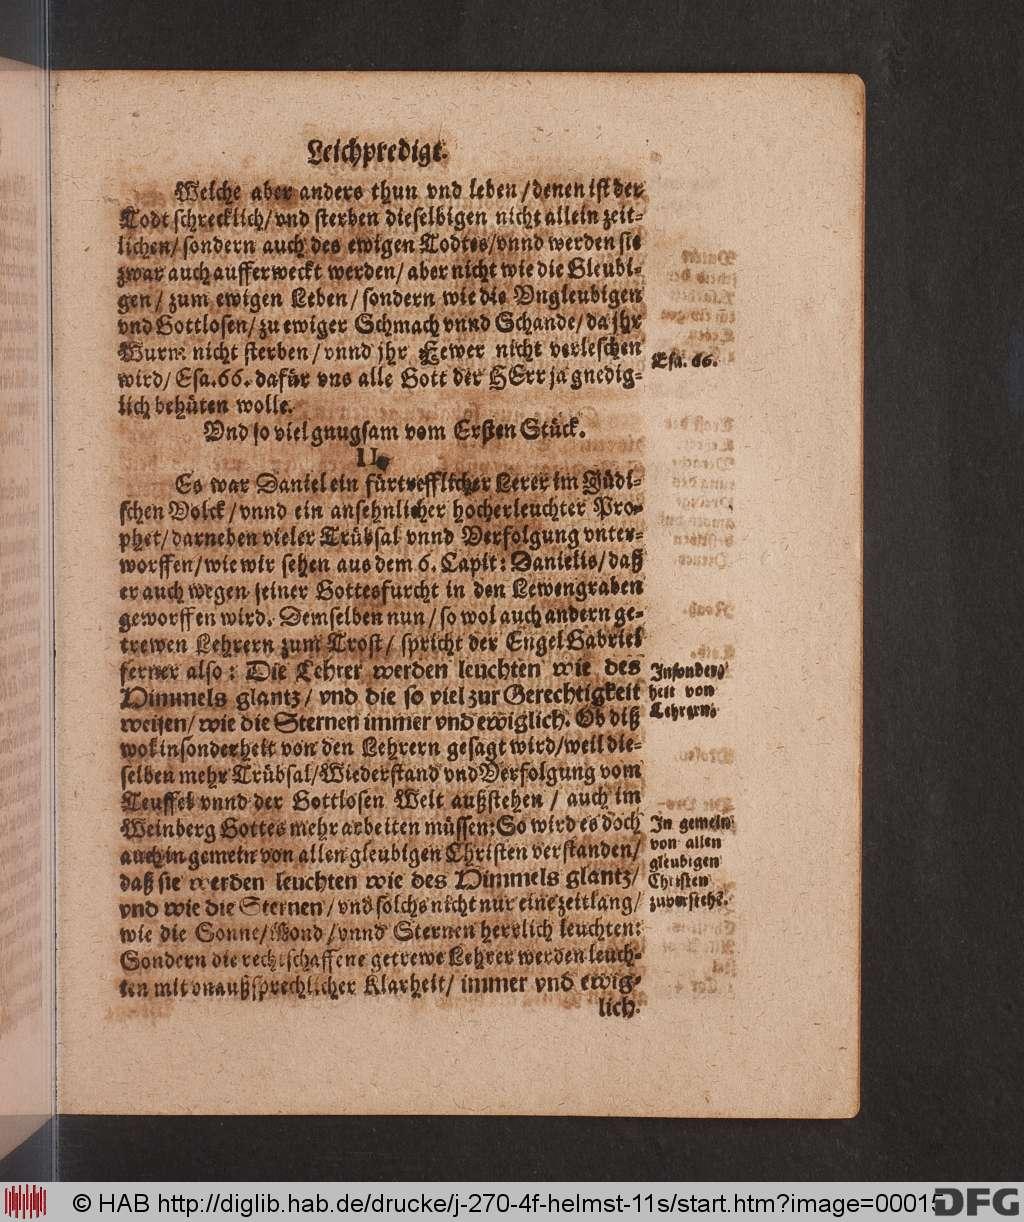 http://diglib.hab.de/drucke/j-270-4f-helmst-11s/00015.jpg